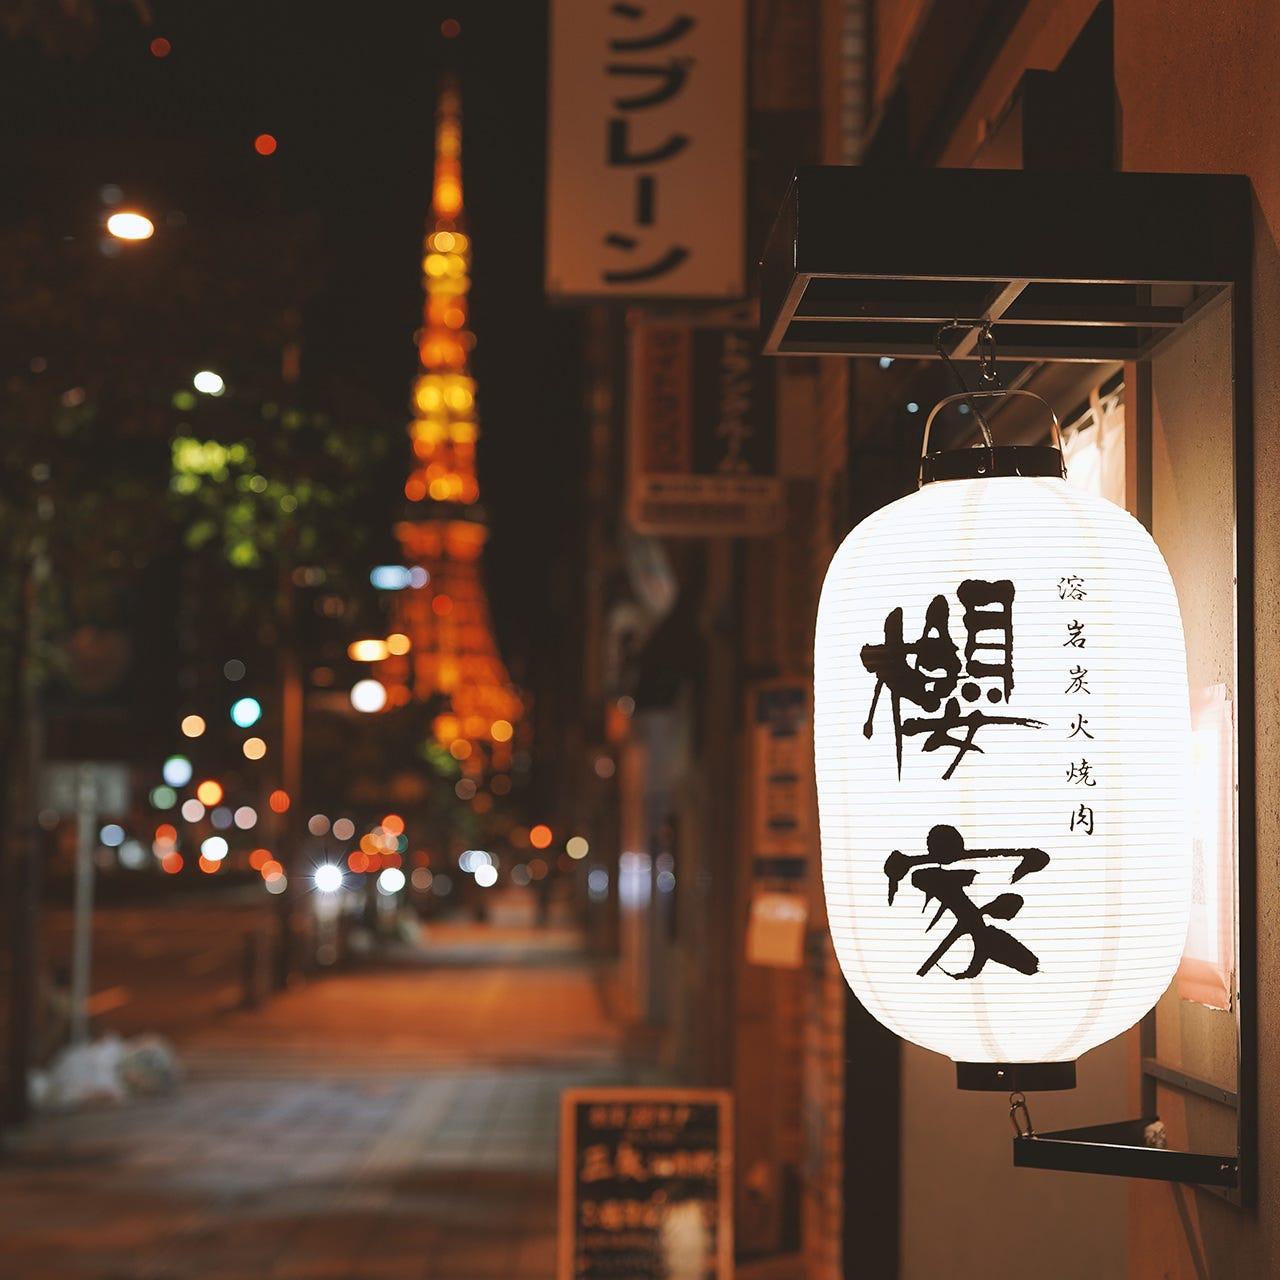 田町駅徒歩5分、桜田通り沿いに。田町で希少な本格焼肉店